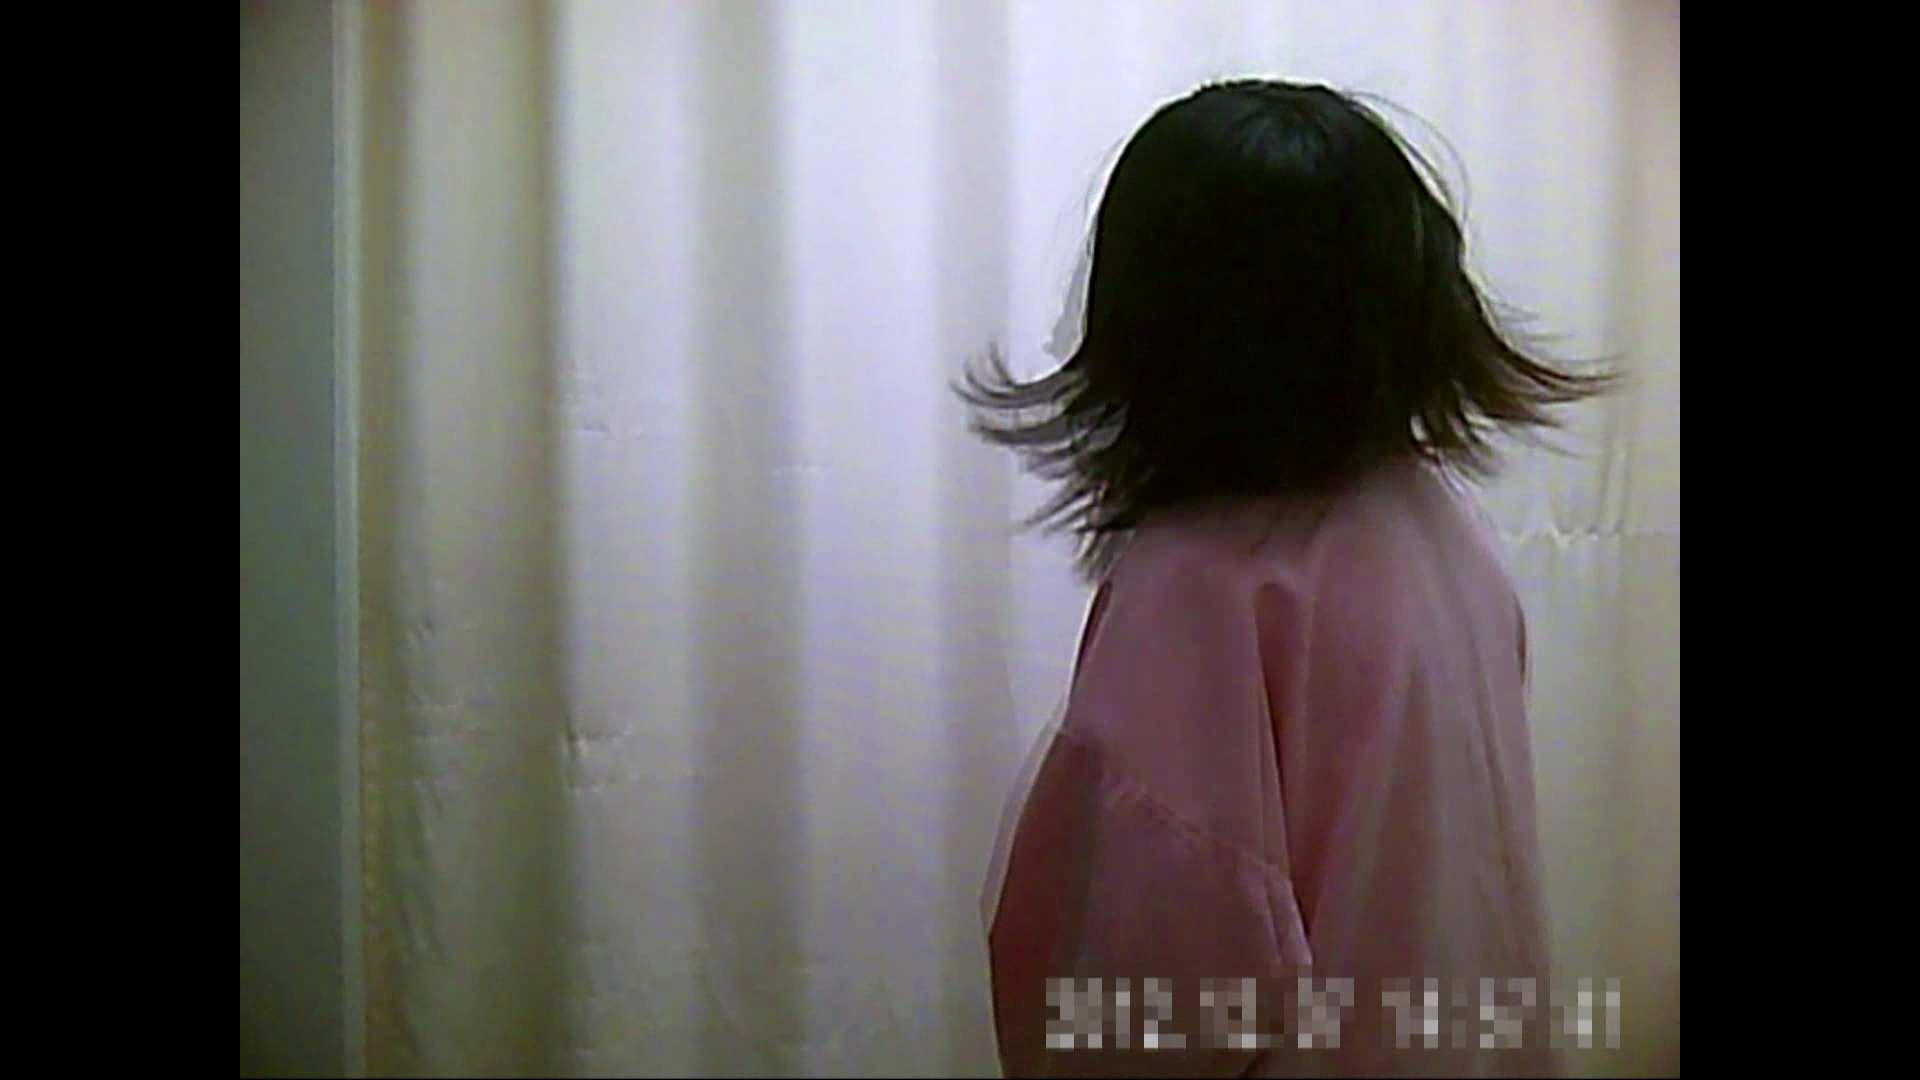 元医者による反抗 更衣室地獄絵巻 vol.126 OL  91pic 68